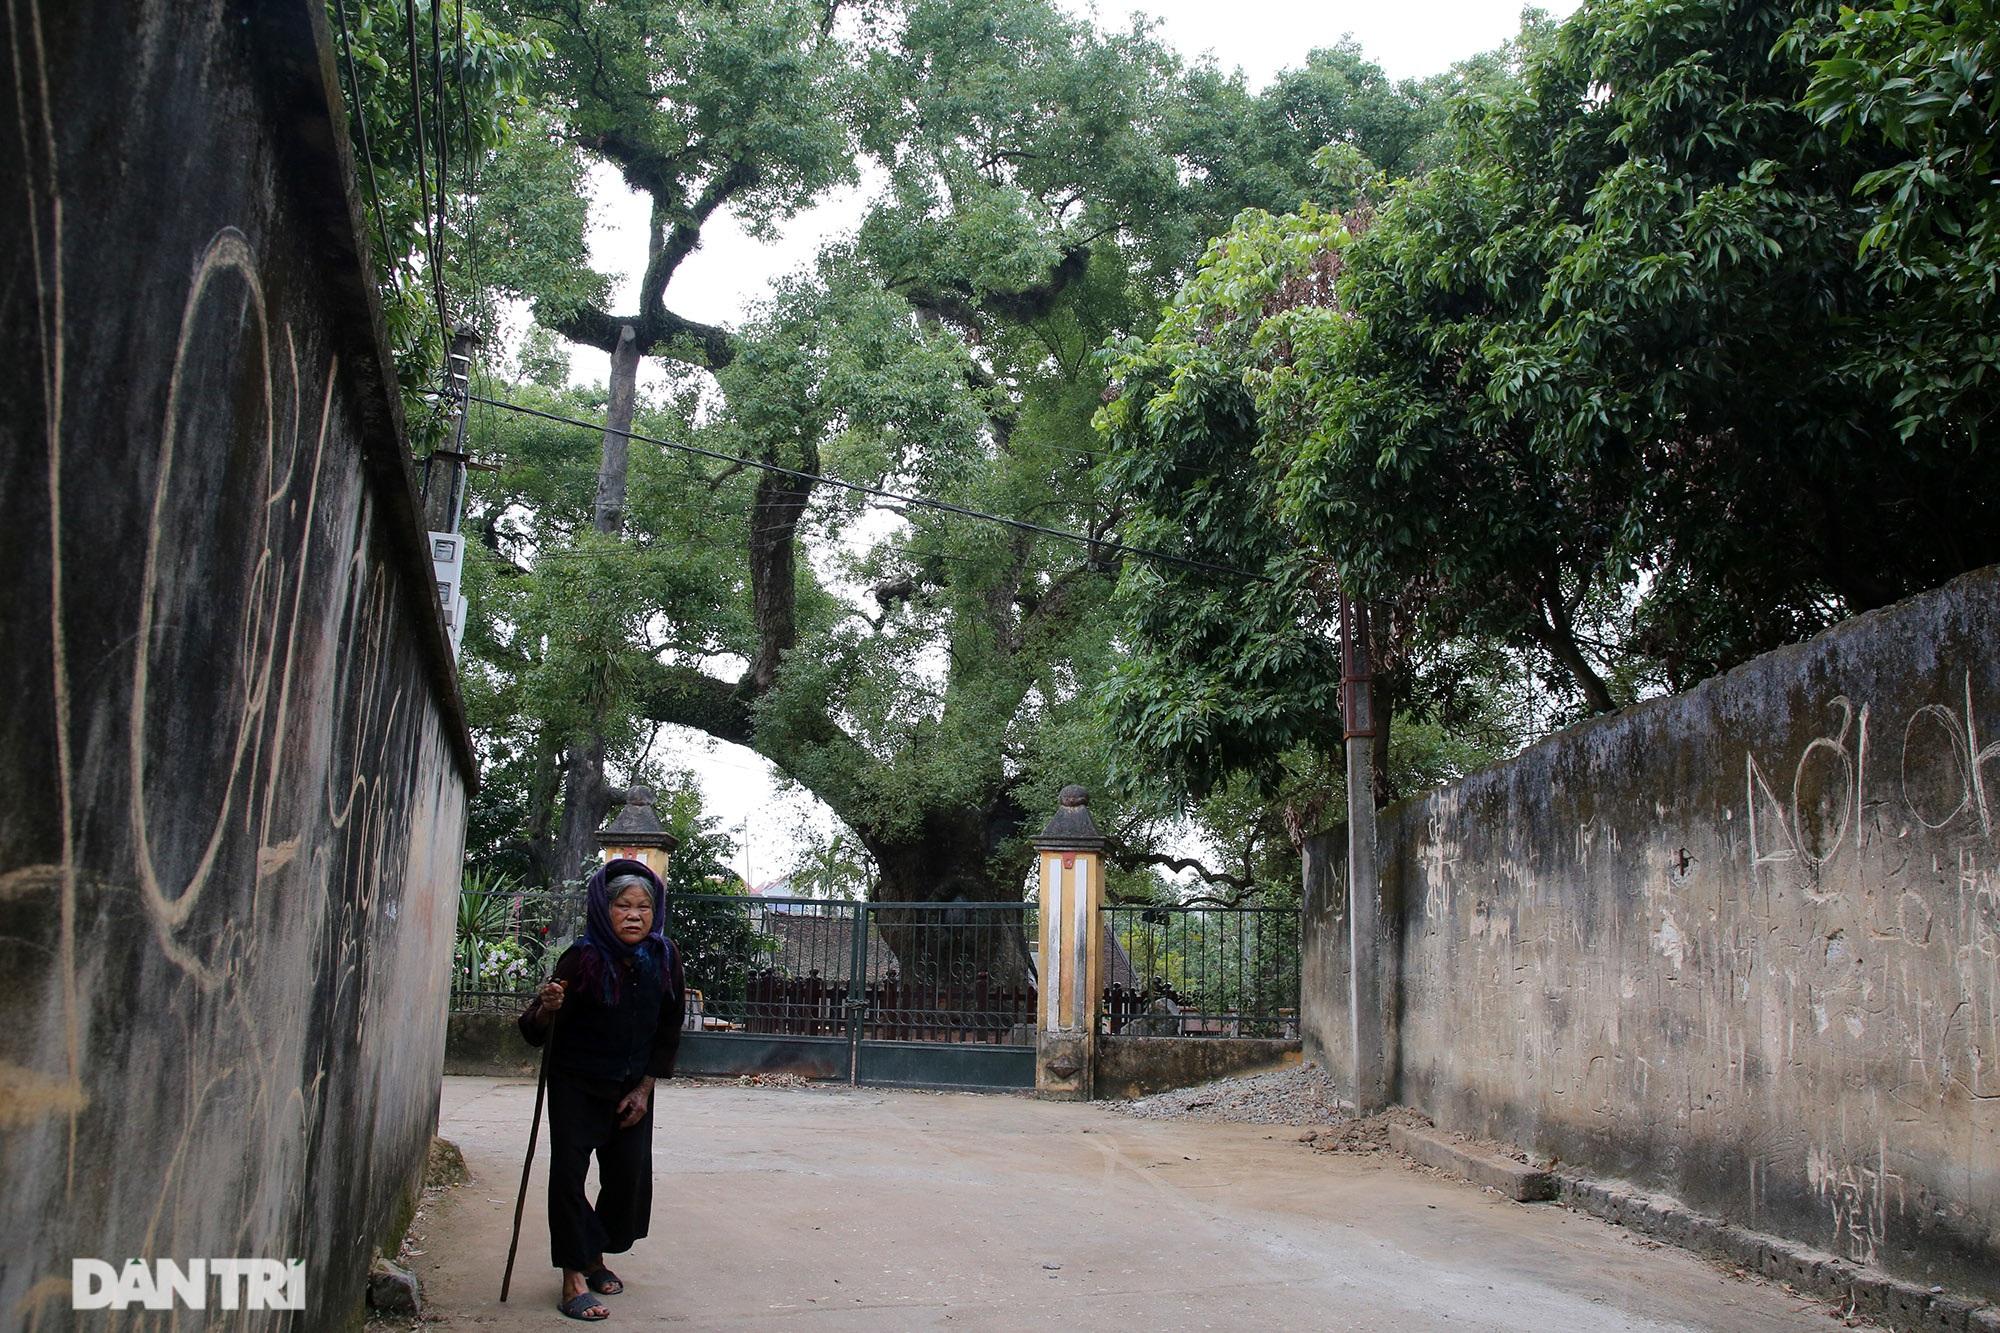 Cây dã hương kì vĩ lớn nhất thế giới tại Bắc Giang - 7